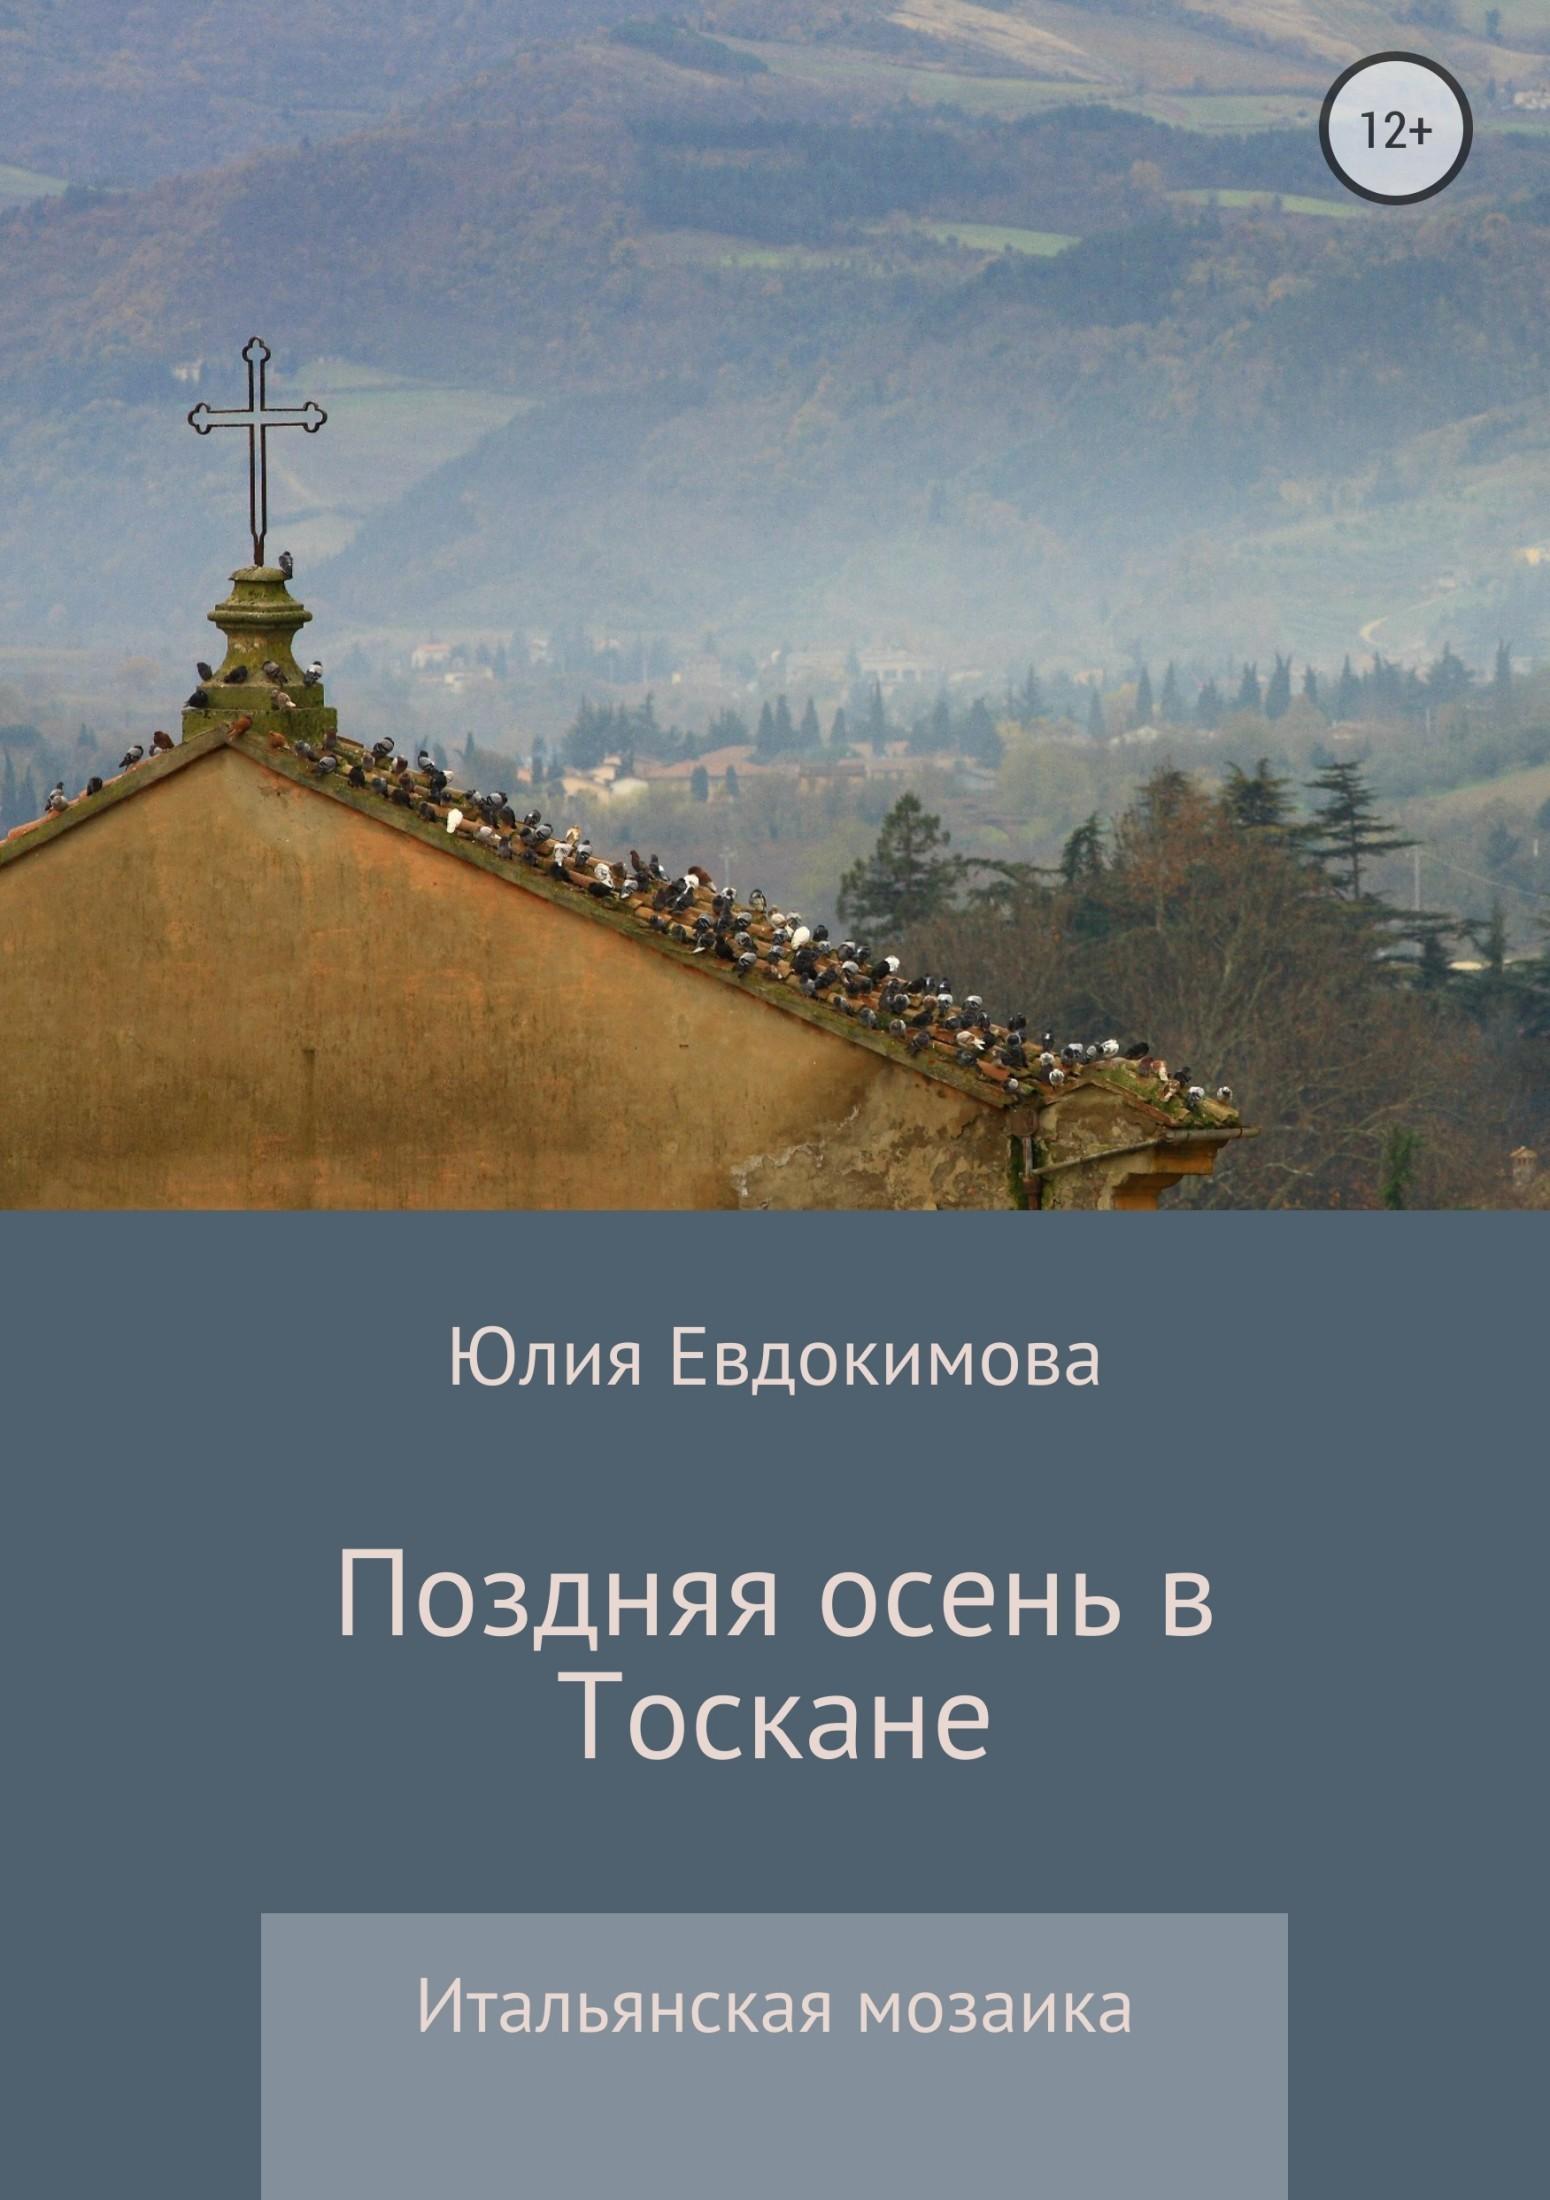 Юлия Евдокимова бесплатно